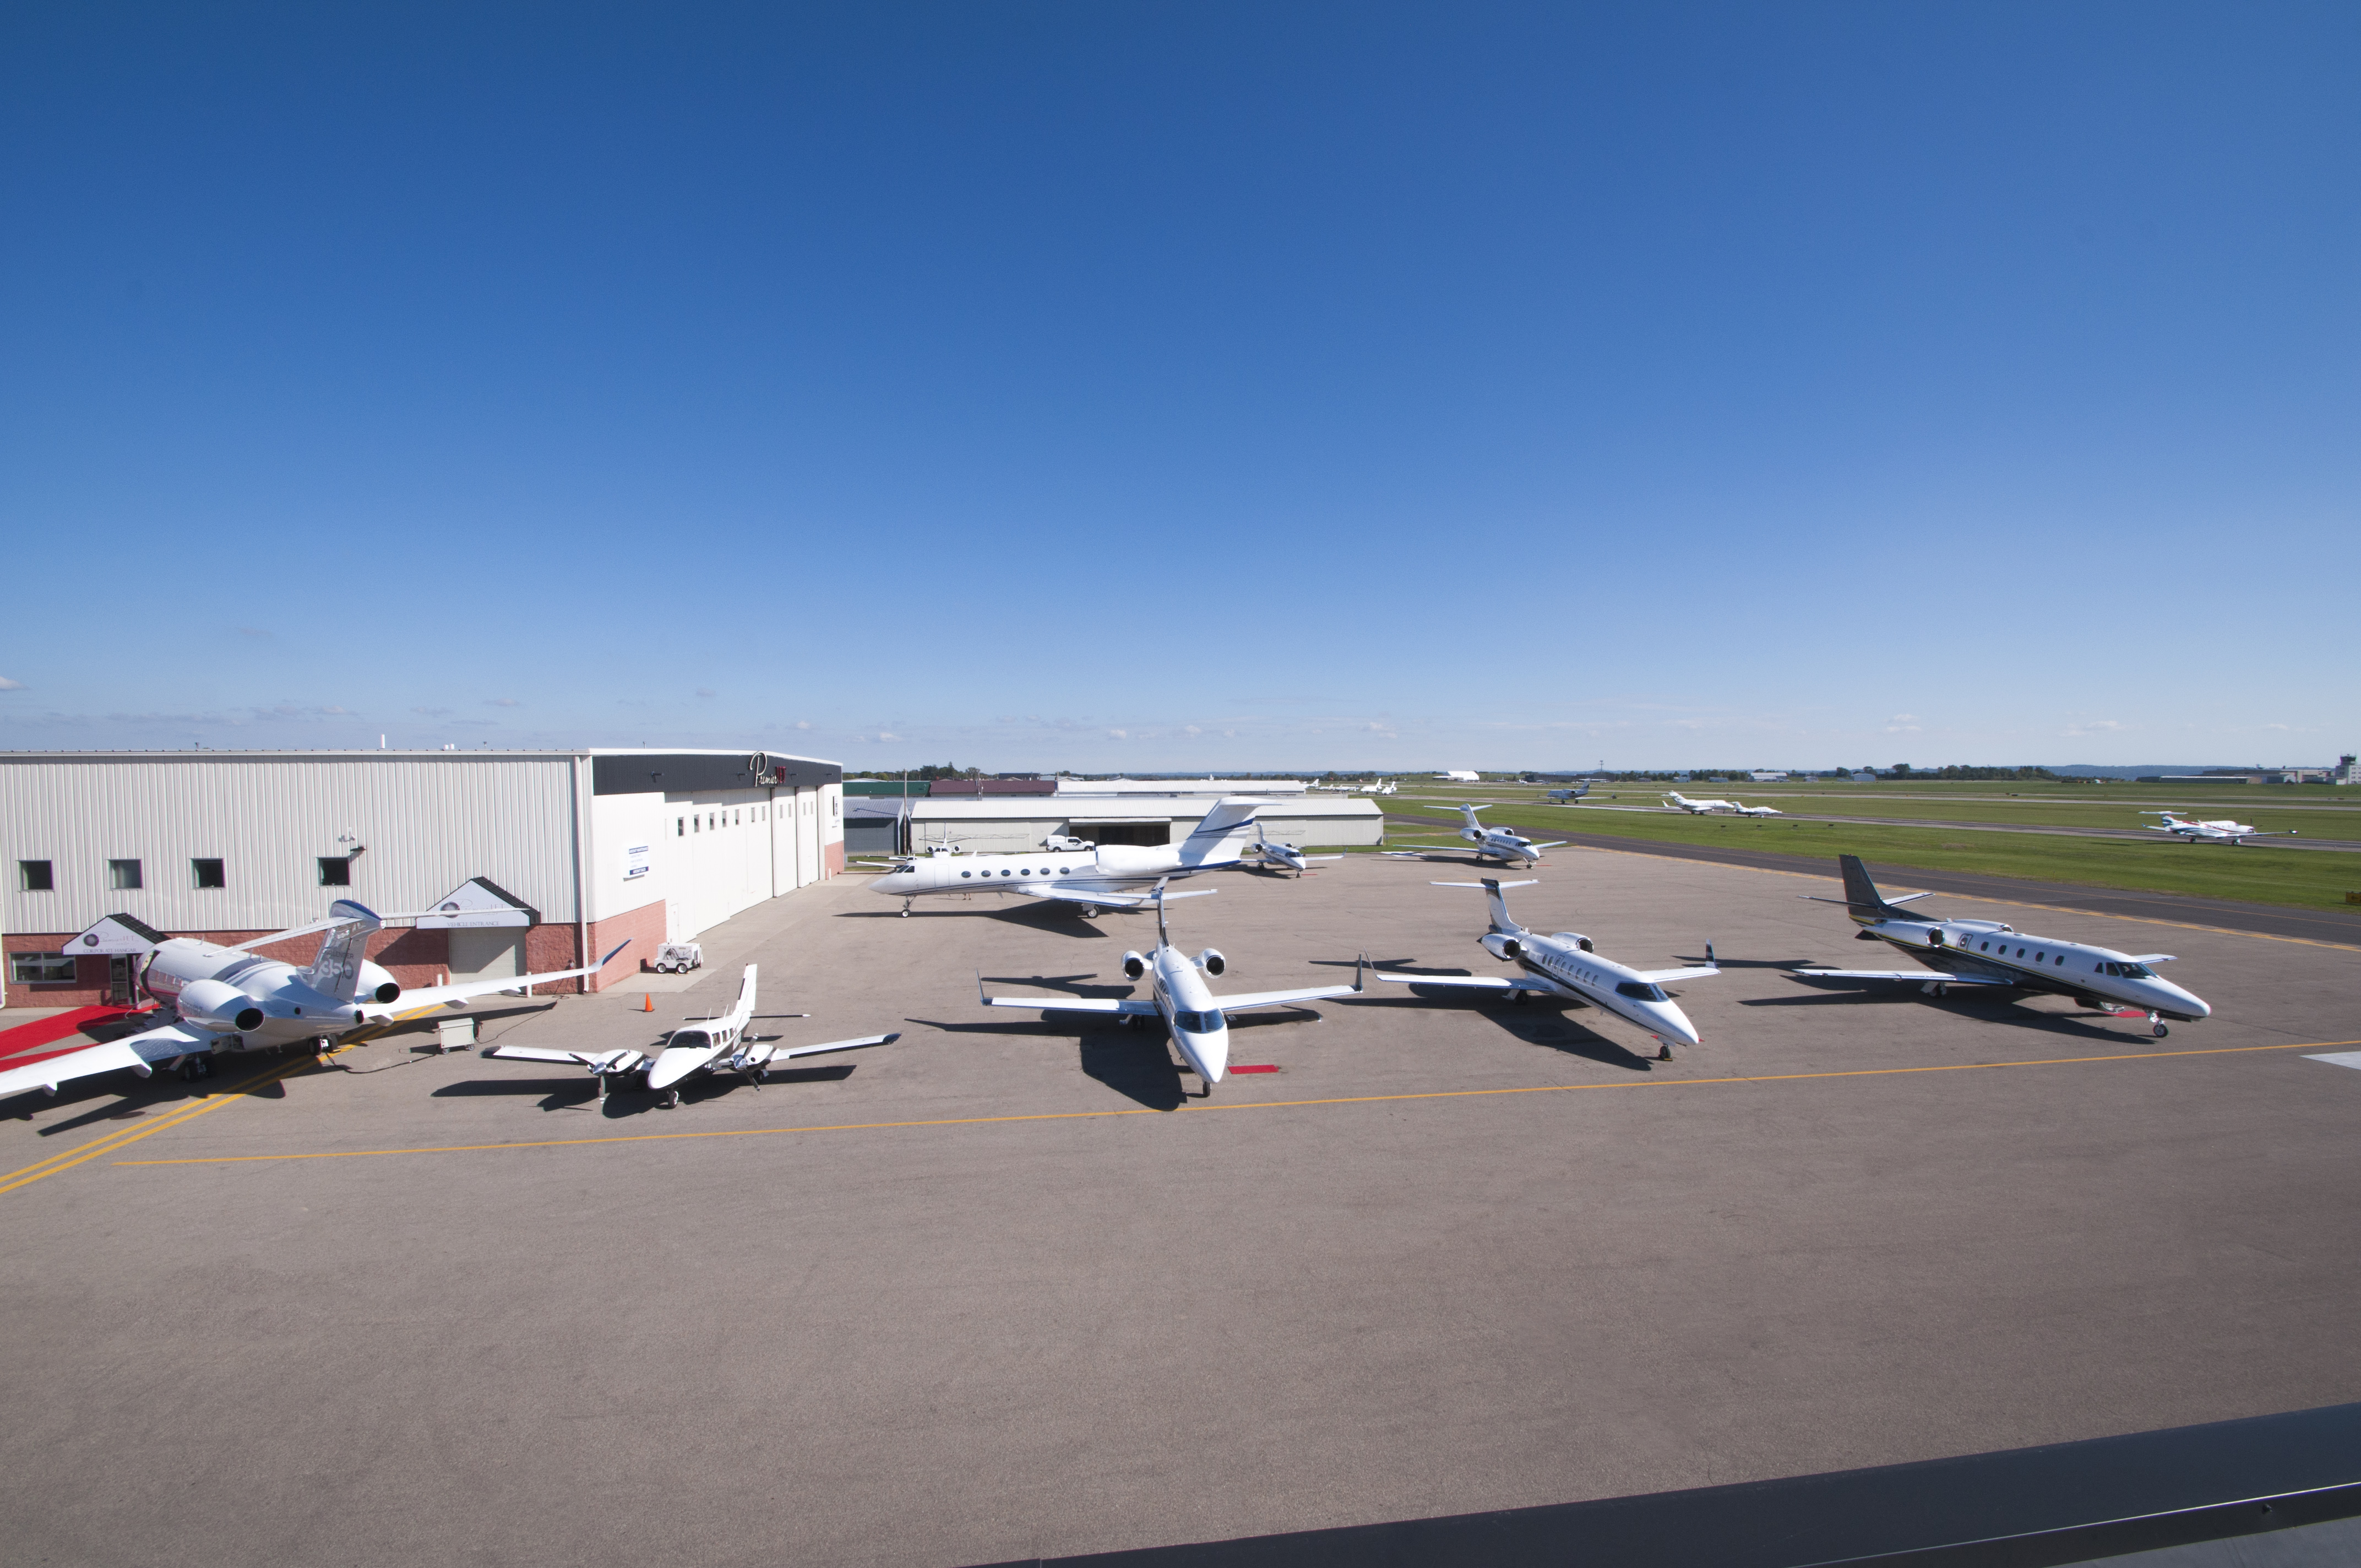 premier-jet-center-kfcm-full-ramp-2